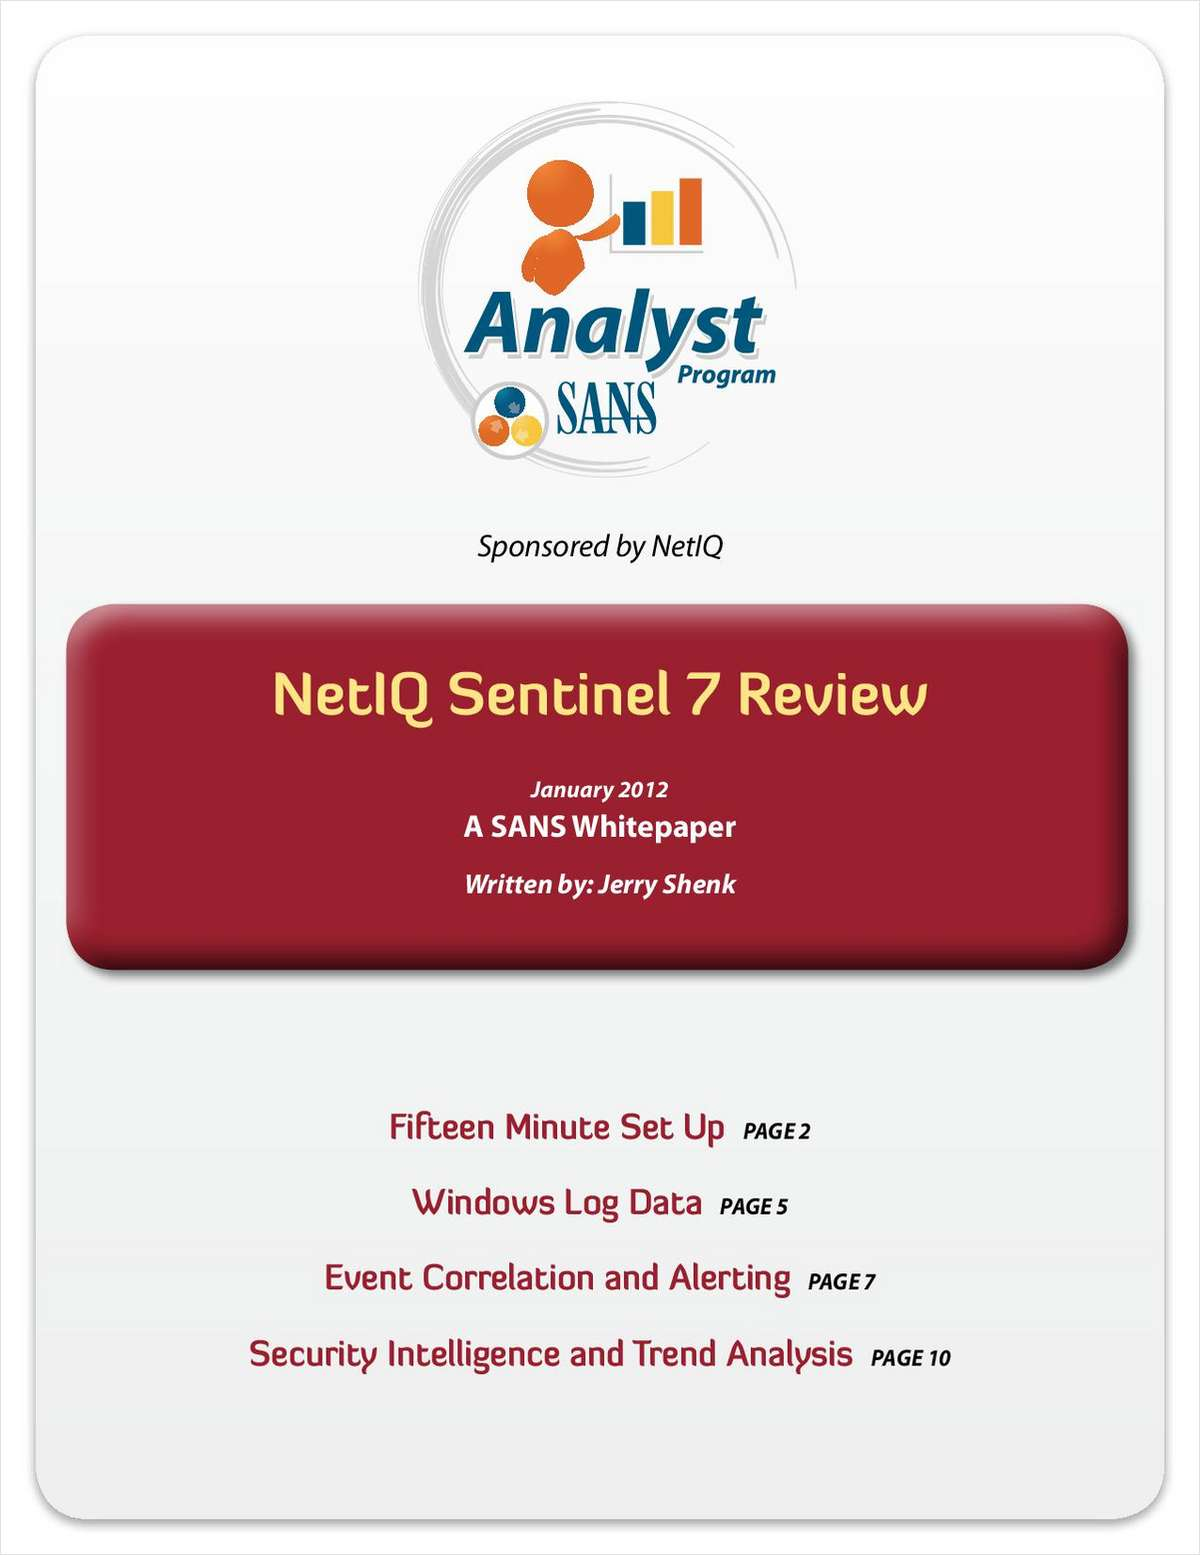 SANS Review of NetIQ Sentinel 7